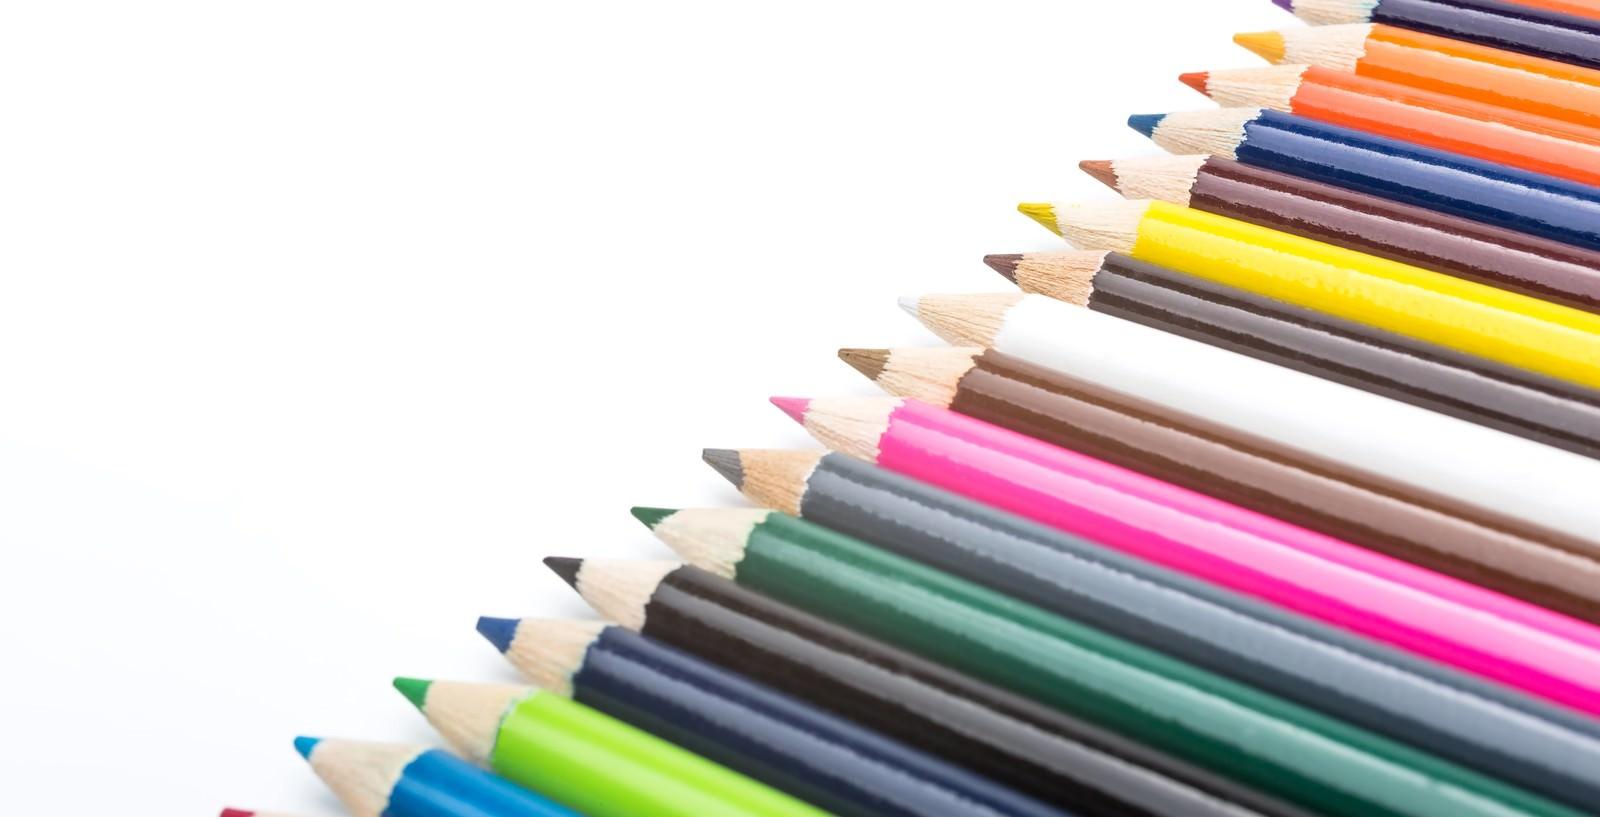 「並べられた色鉛筆」の写真